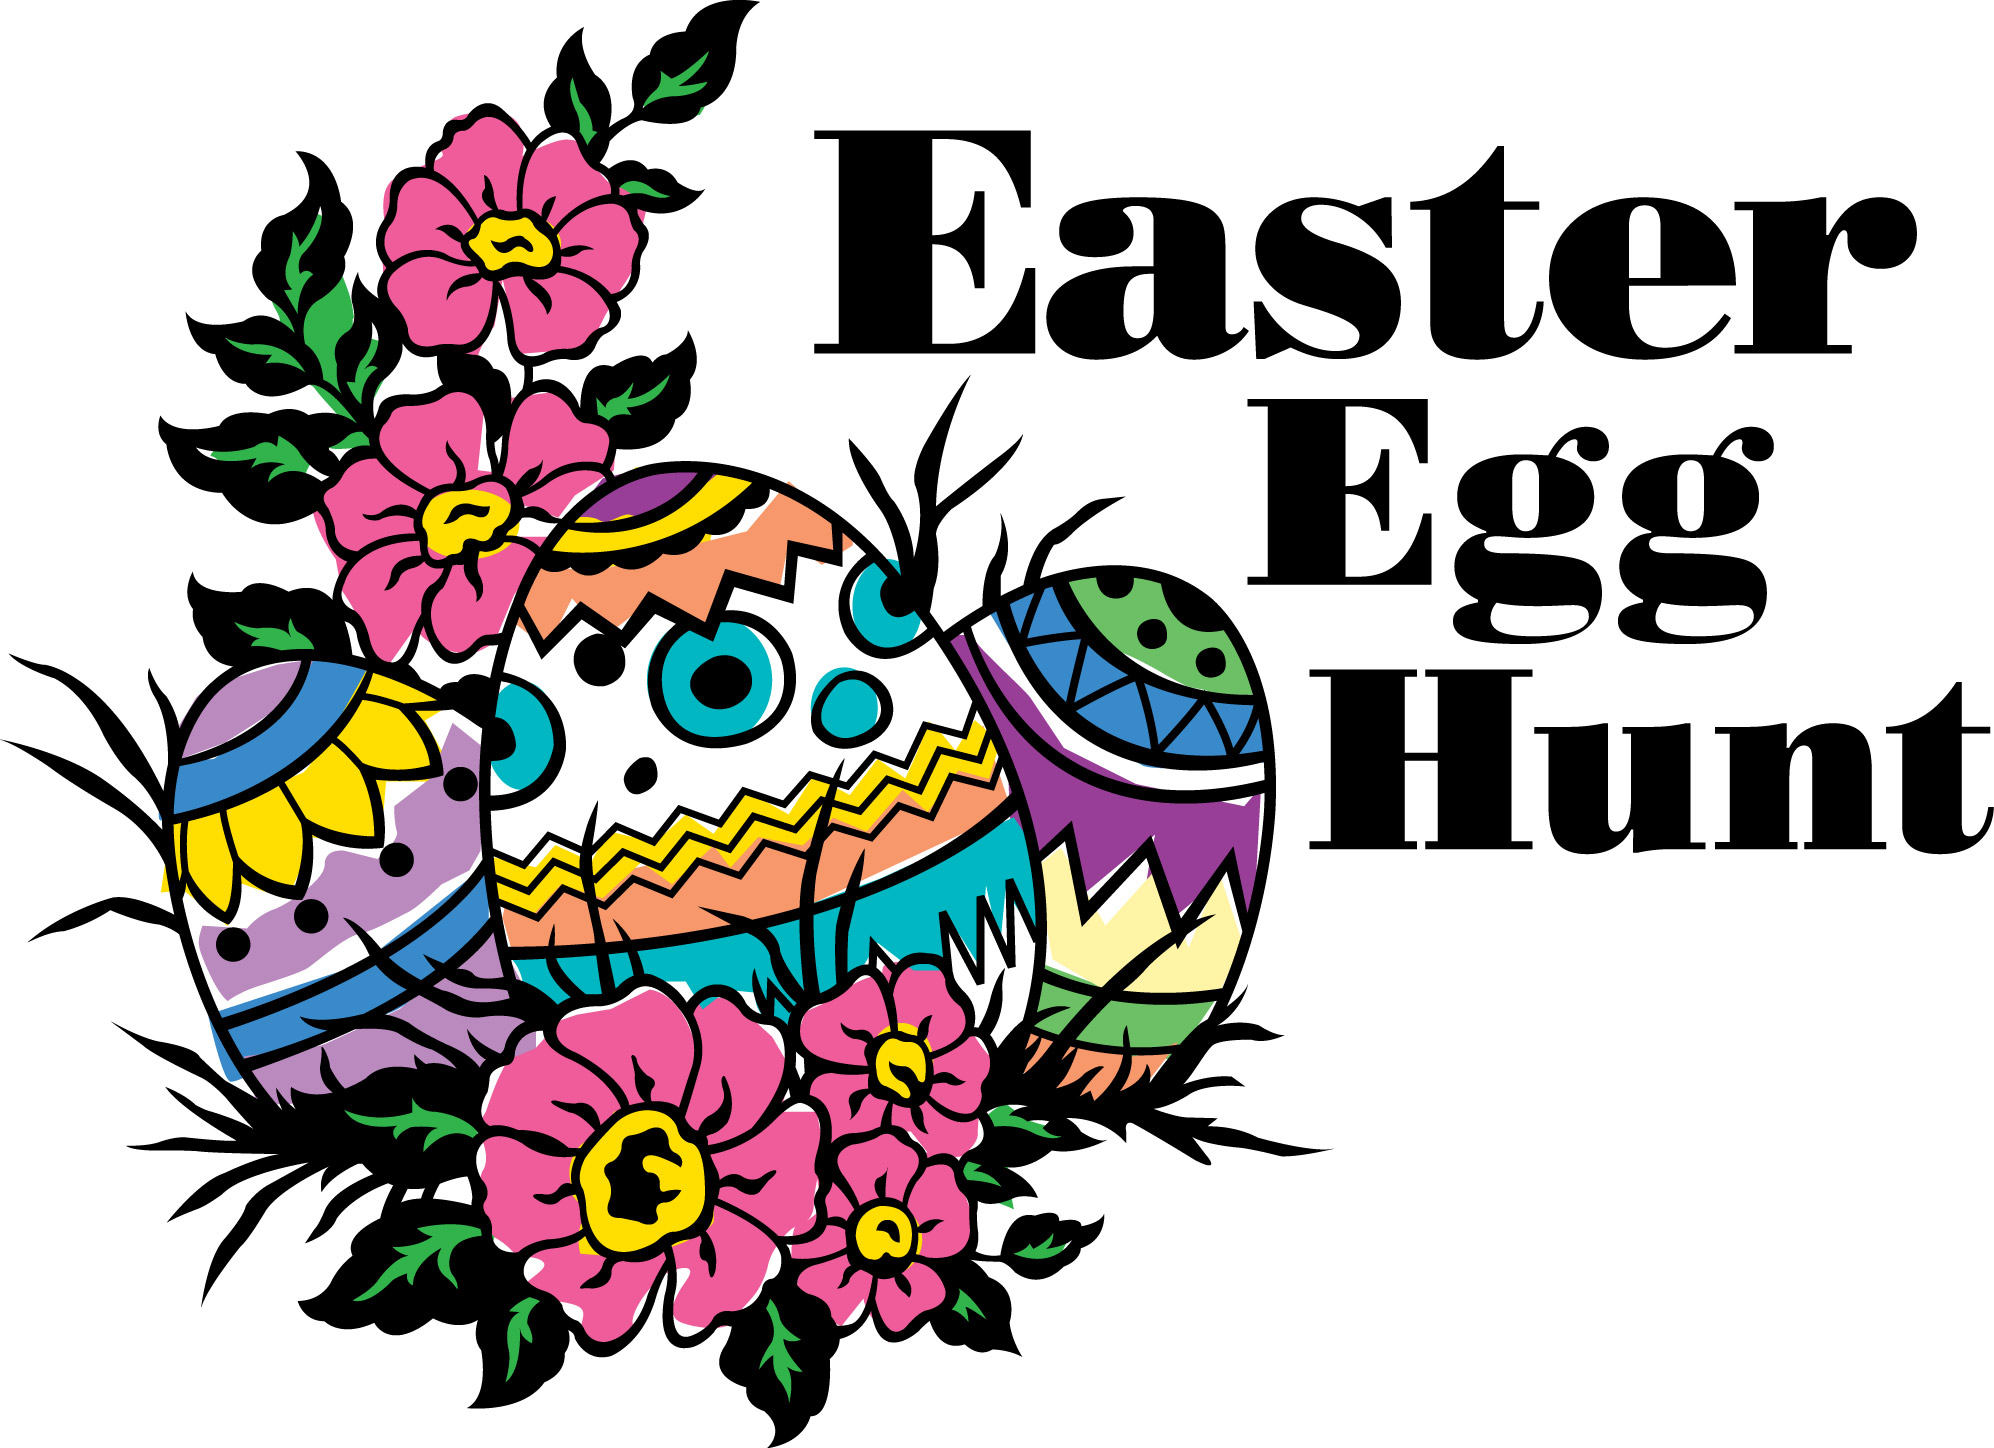 ... Easter Egg Hunt u0026middot; Theatr Gwaunpage Not Found Theatr Gwaun